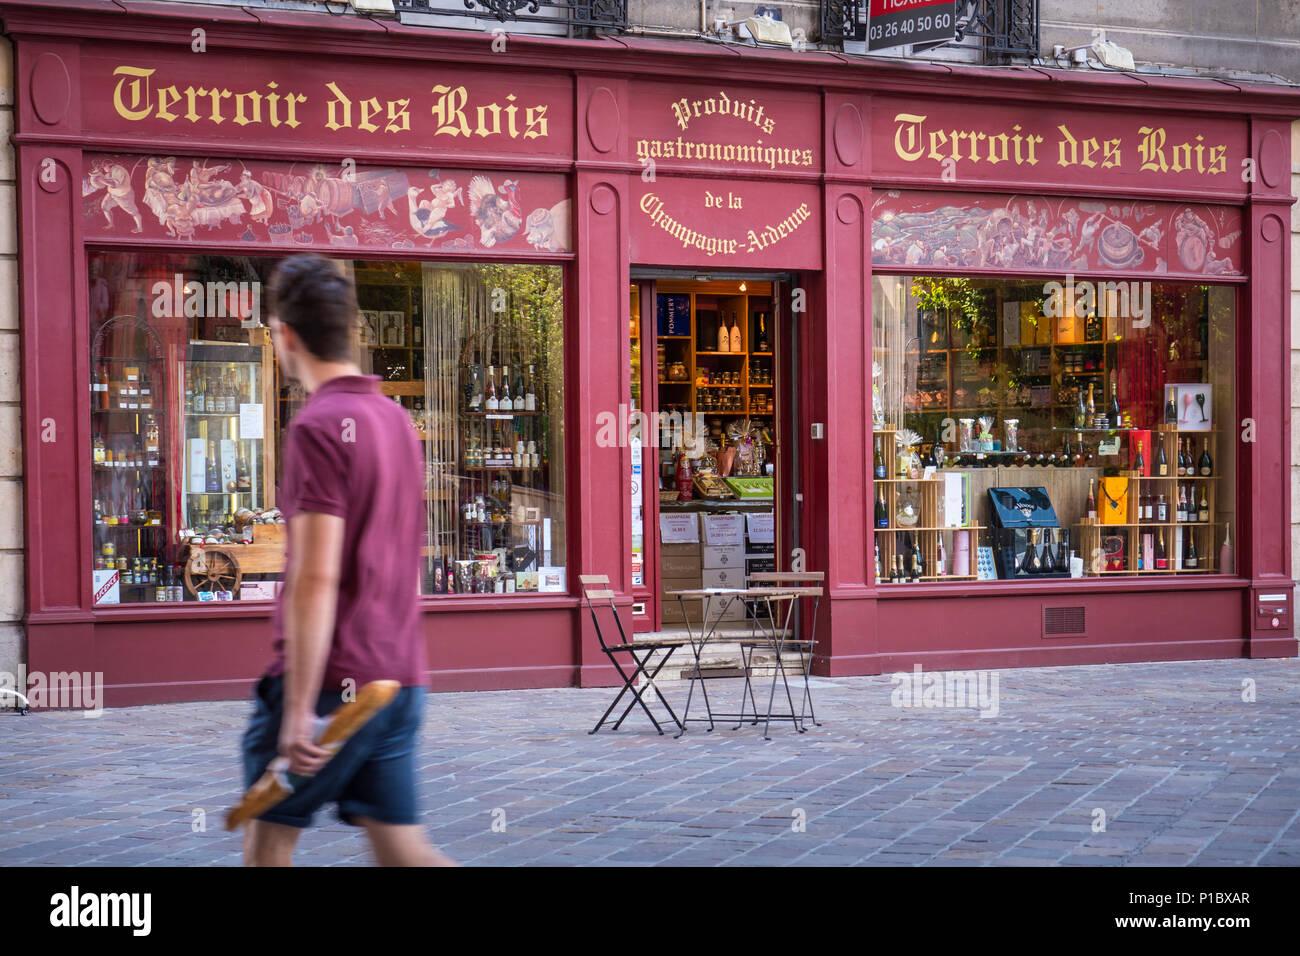 Terroir des Rois Reims Marne Grand Est France - Stock Image